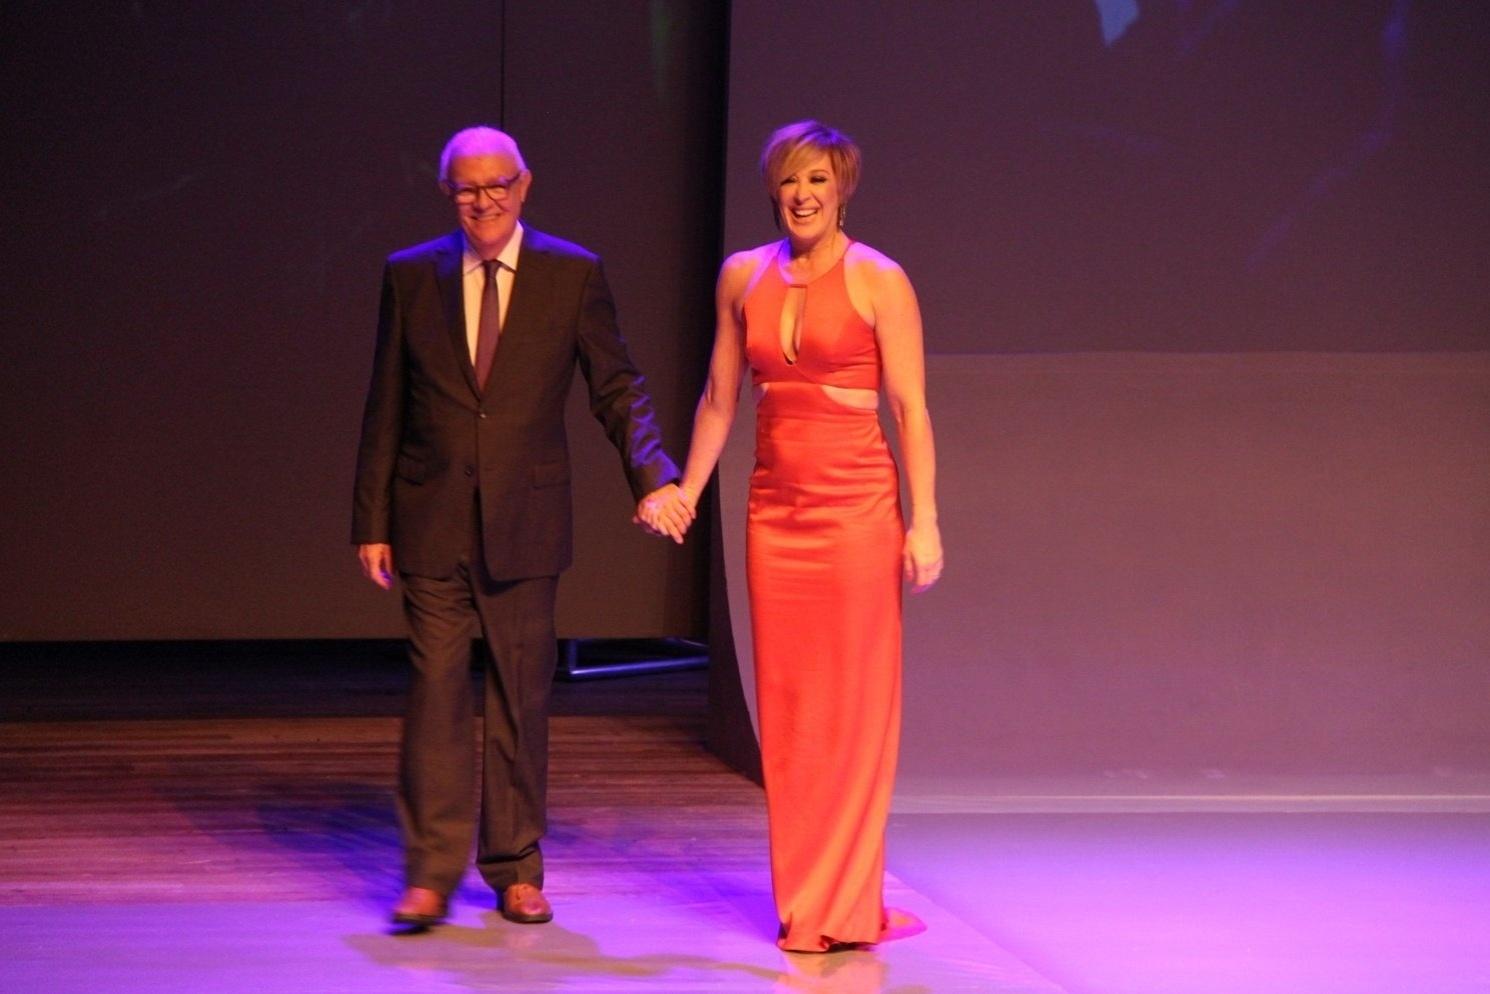 24.mar.2015 - Ney Latorraca e Claudia Raia apresentam uma das categorias do 9º Prêmio APTR de Teatro, no Imperator, no Meier, zona norte do Rio de Janeiro, nesta terça-feira